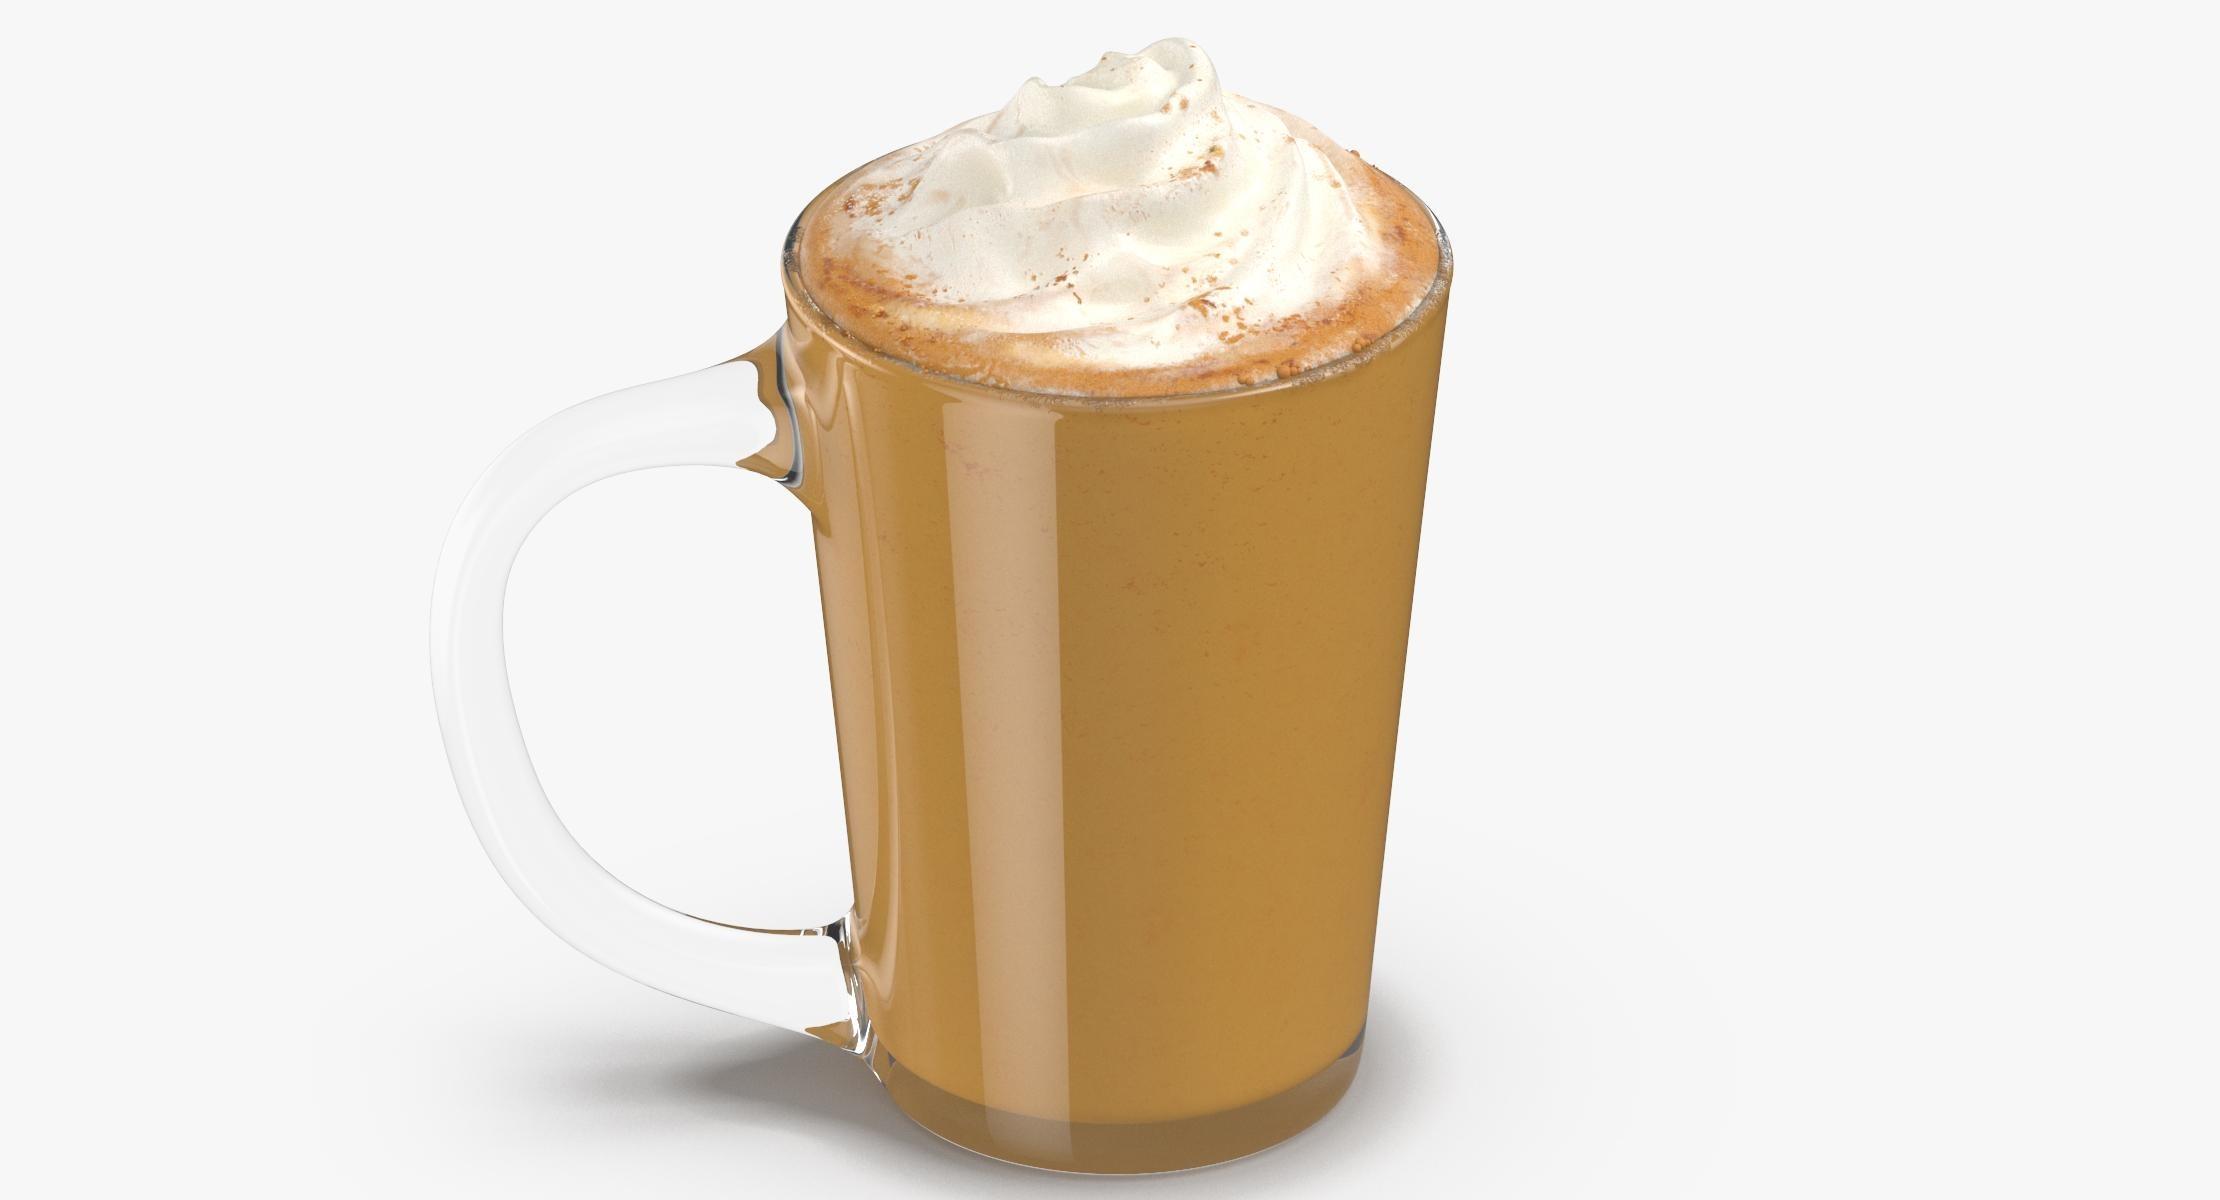 Pumpkin Spice Latte 01 - reel 1